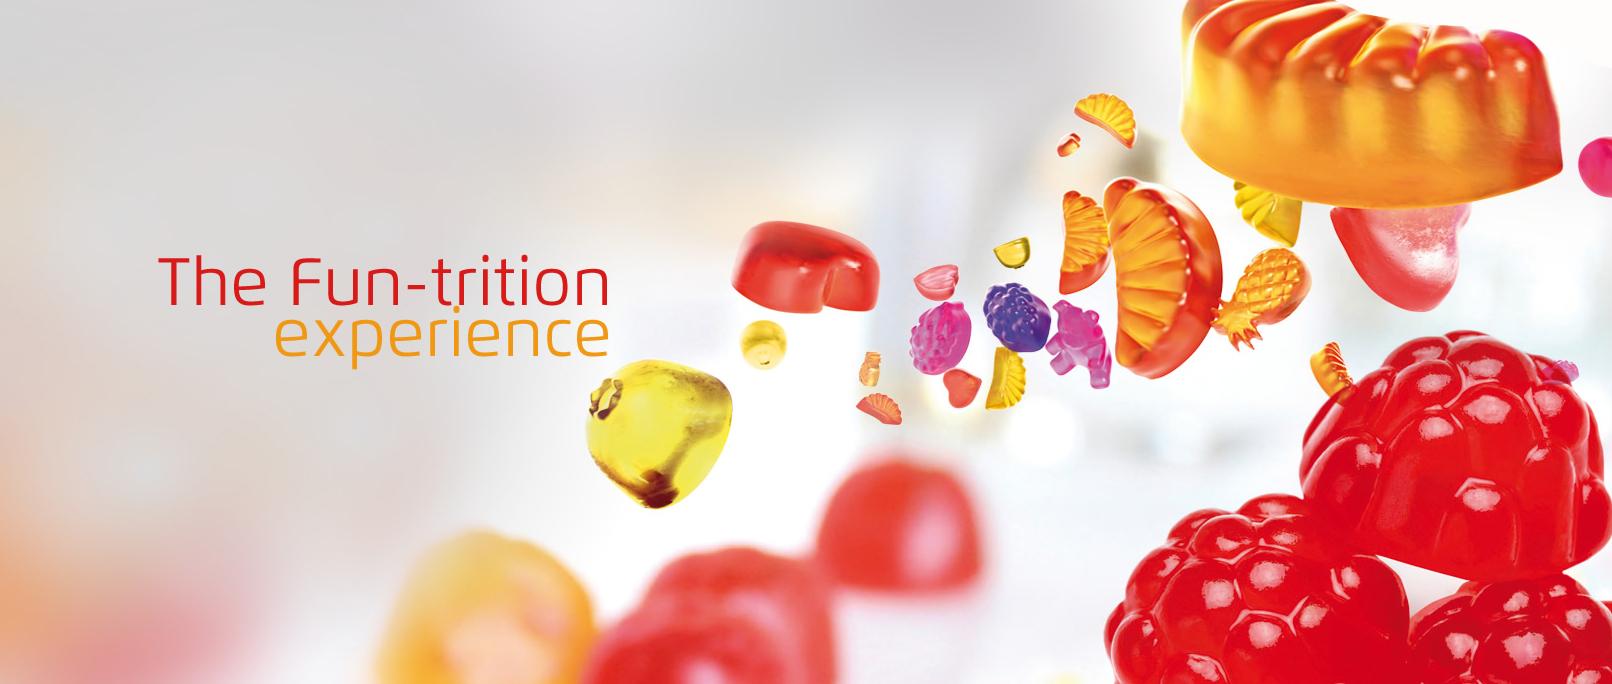 Softigel-Funtrition